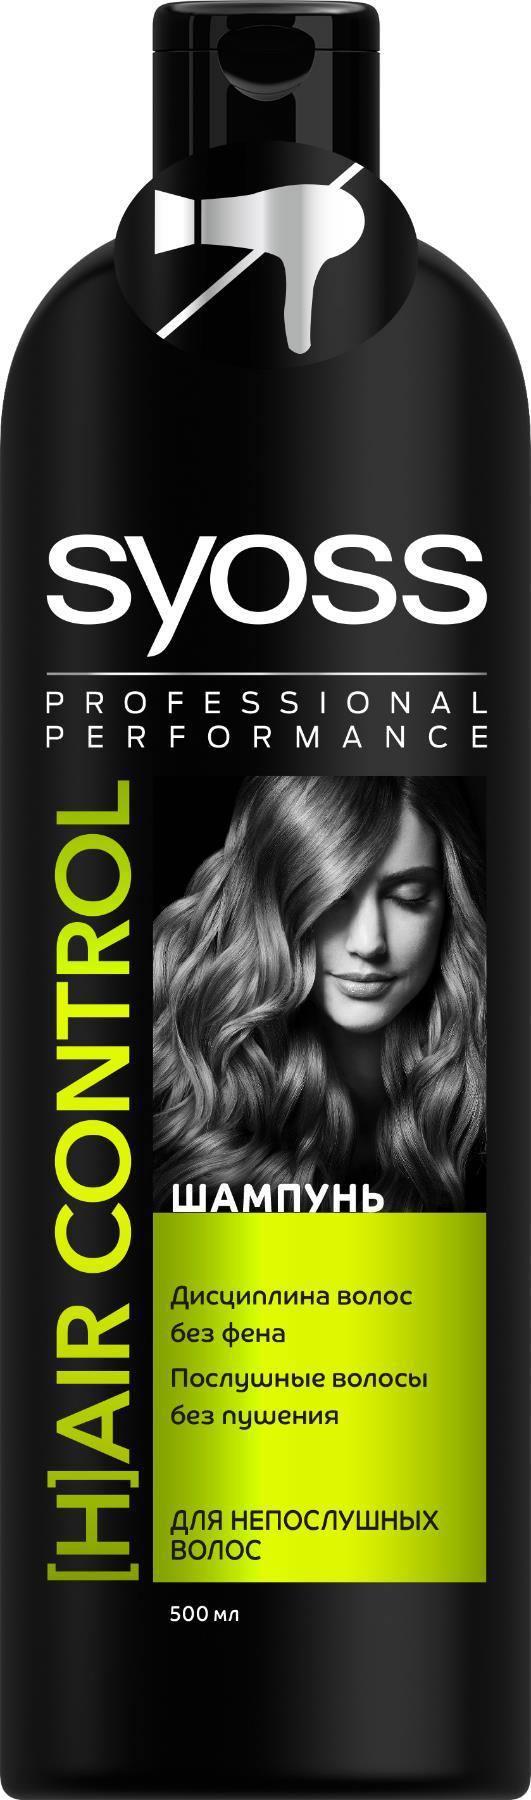 Syoss [H]Air Control Шампунь для непослушных волос, 500 мл2270349Профессиональный уход с технологией Discipline-Complex разработан специально для непослушных волос: Дисциплинирует волосы без использования фена Послушные волосы без пушения и электризации Ухоженные волосы, как после салона